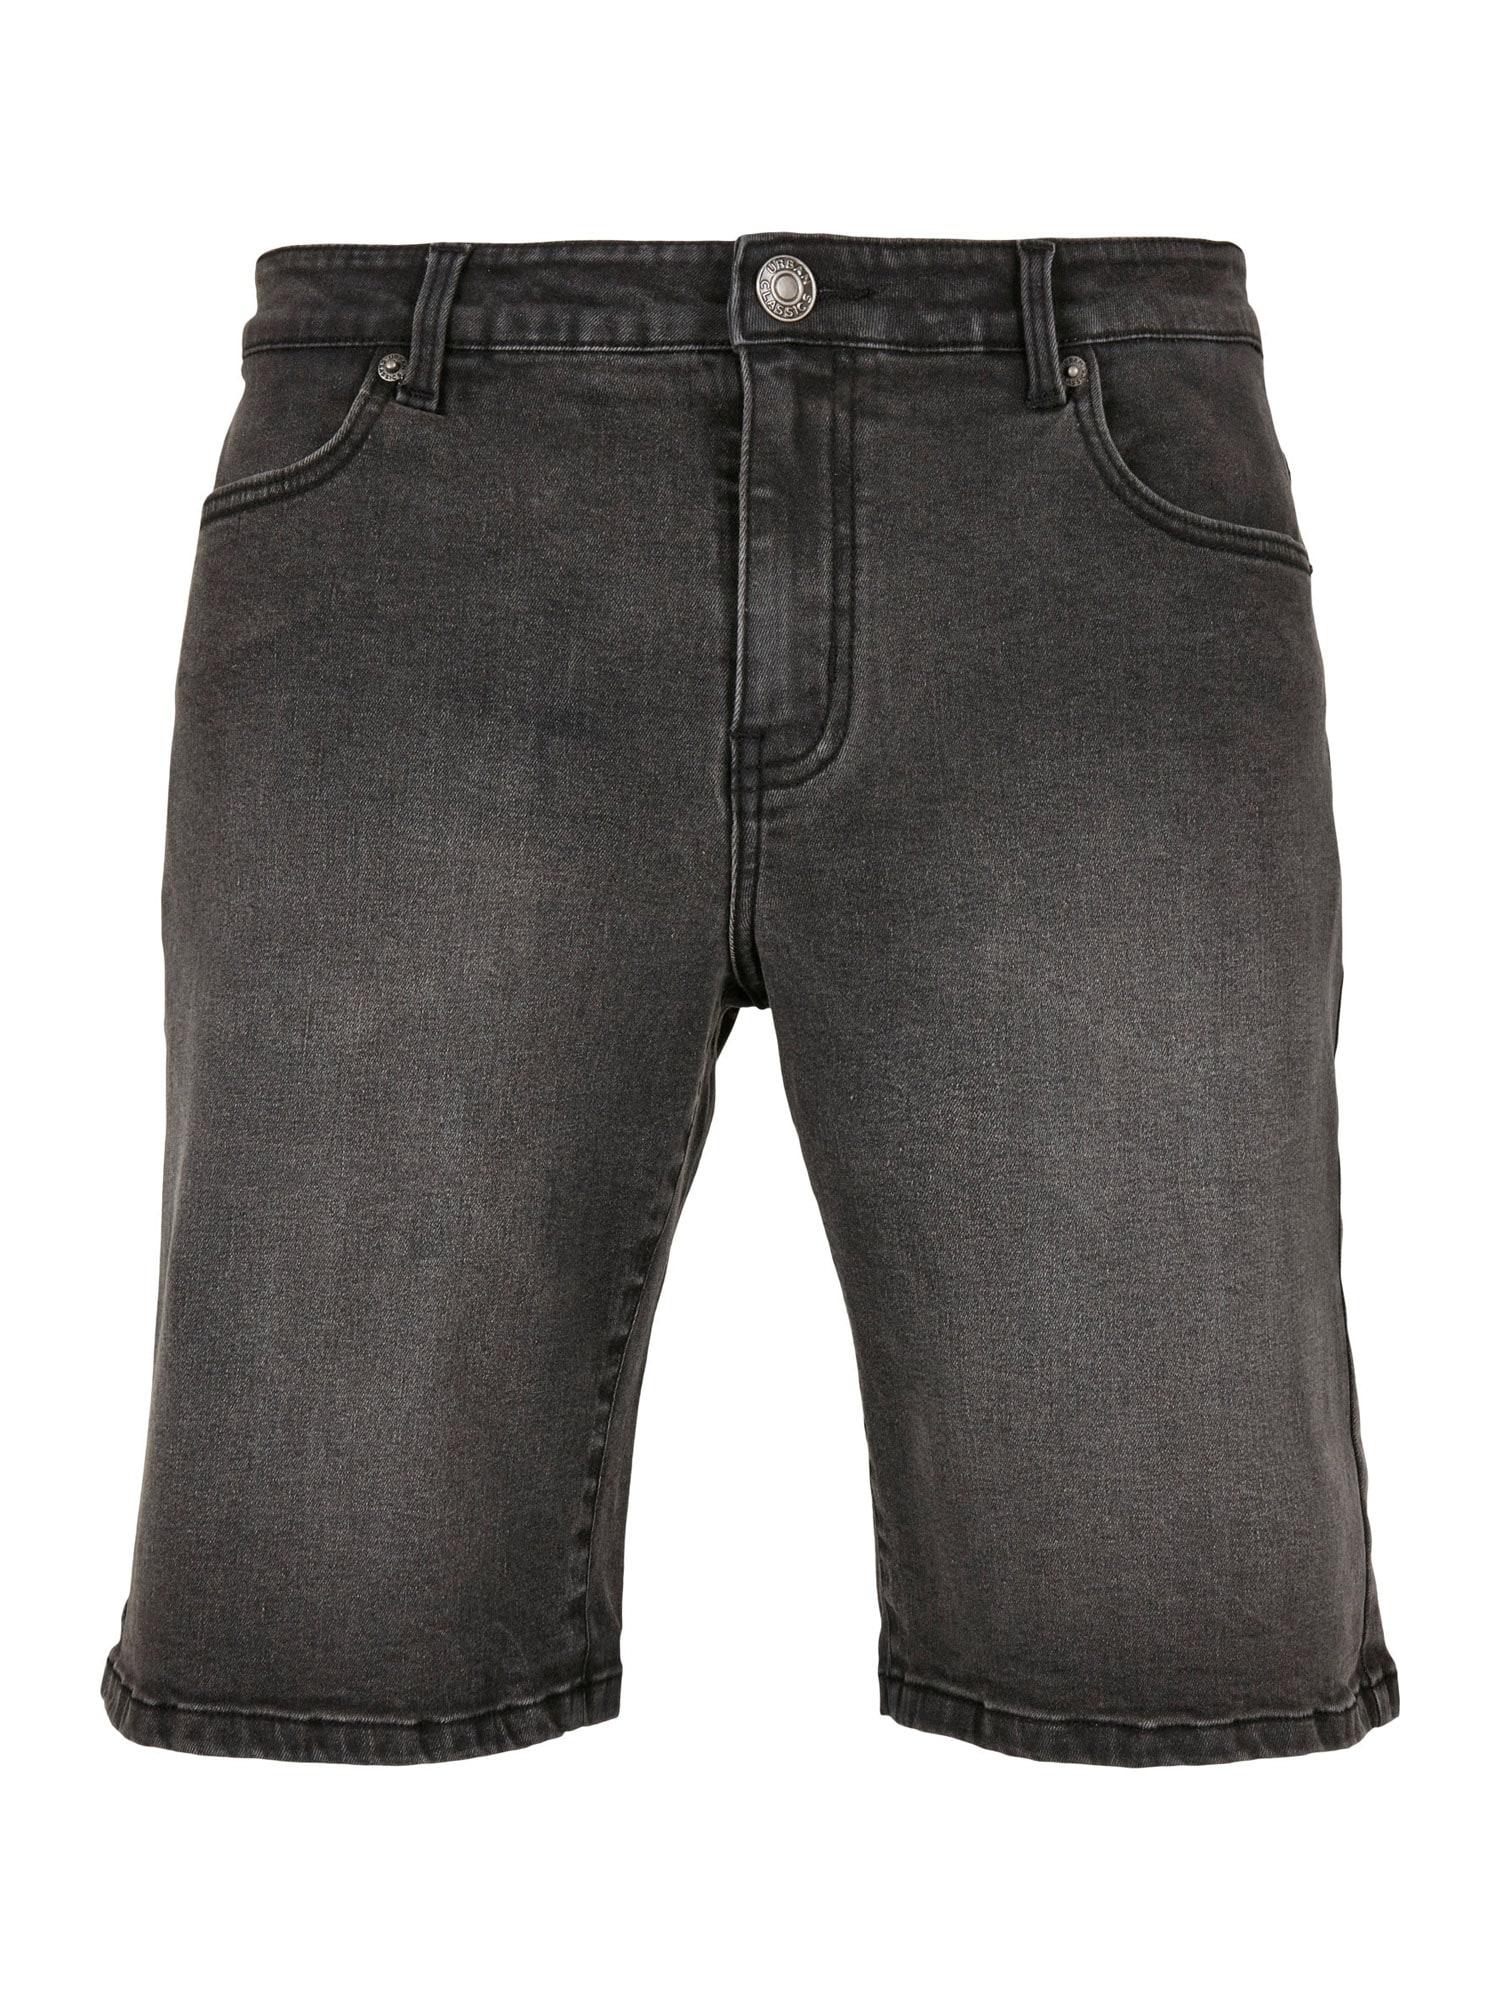 Urban Classics Big & Tall Džinsai juodo džinso spalva